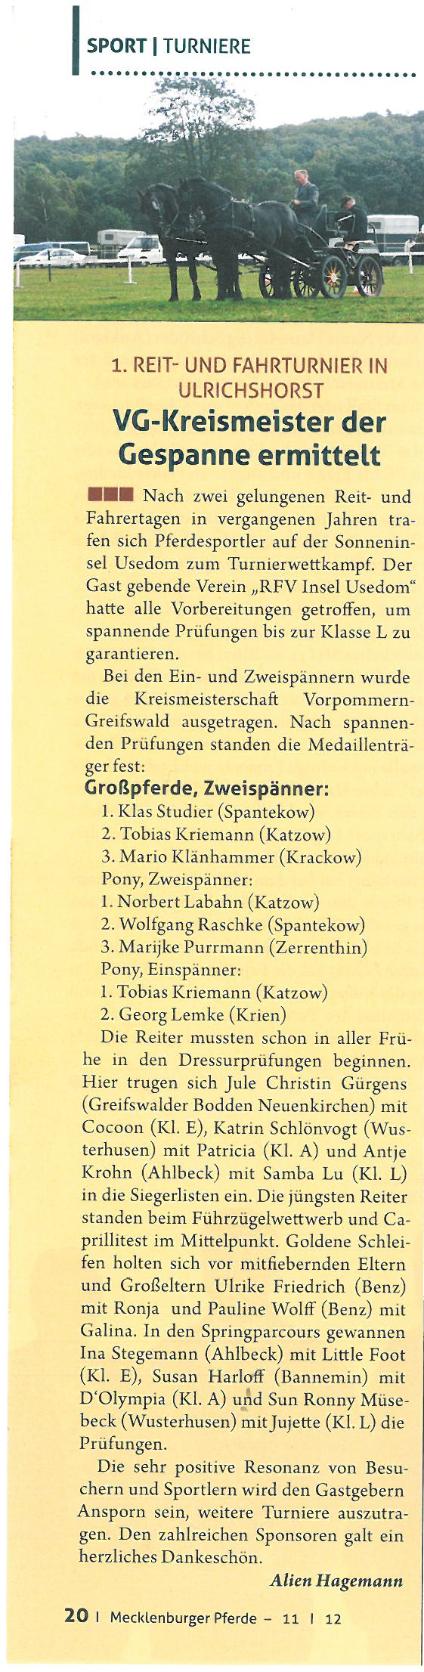 Artikel Mecklenburger Pferd 12/2012